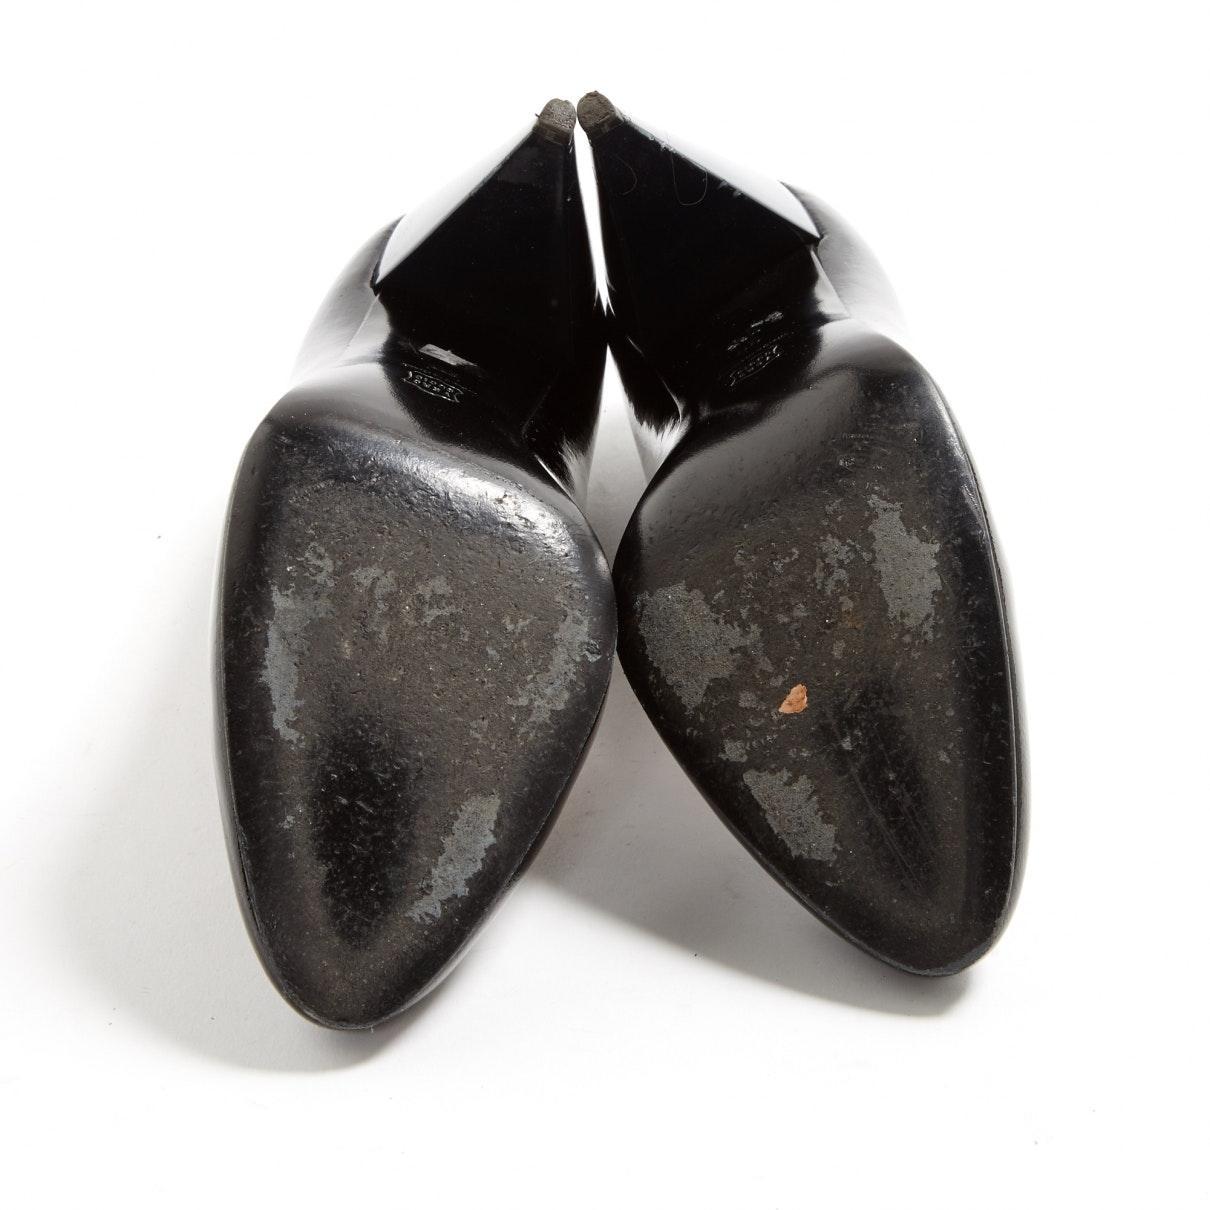 Tacones en charol negro N Lanvin de Cuero de color Negro